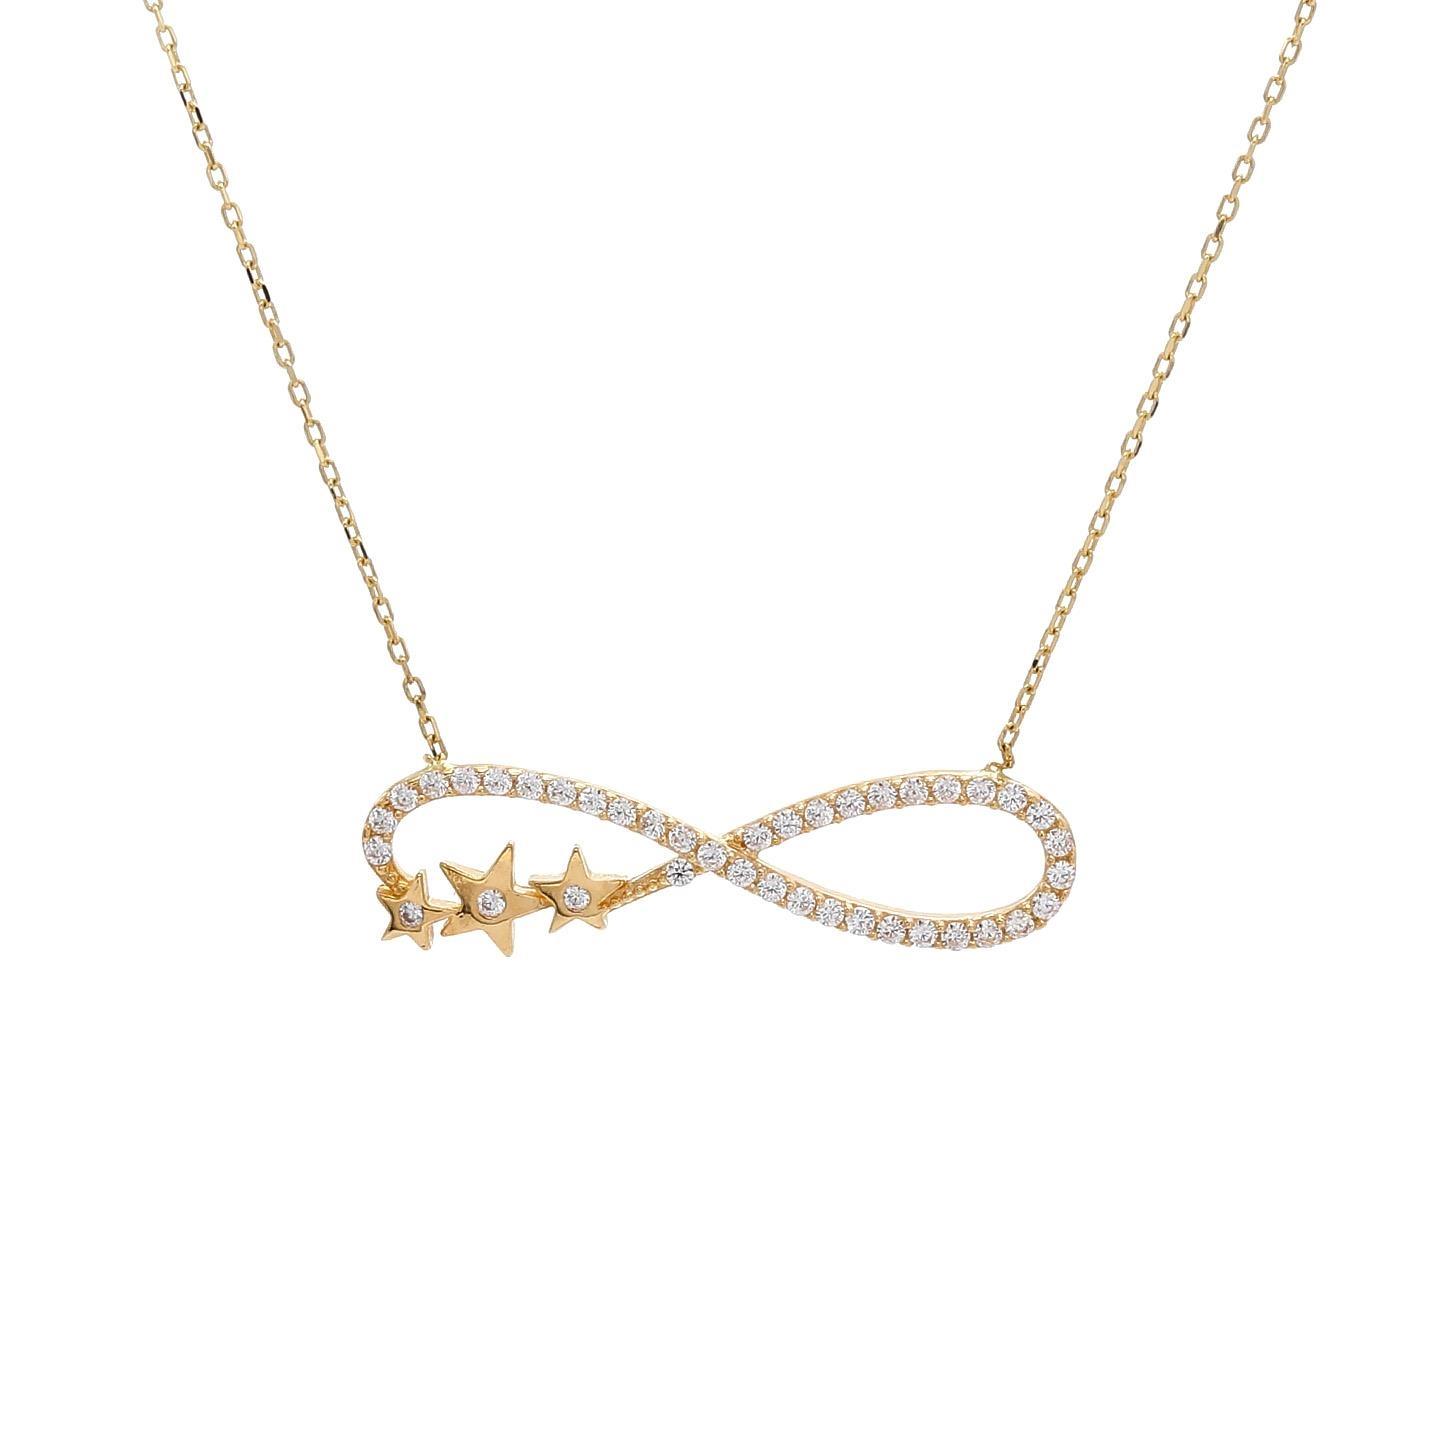 Zlatý náhrdelník NEKONEČNO s hviezdičkami